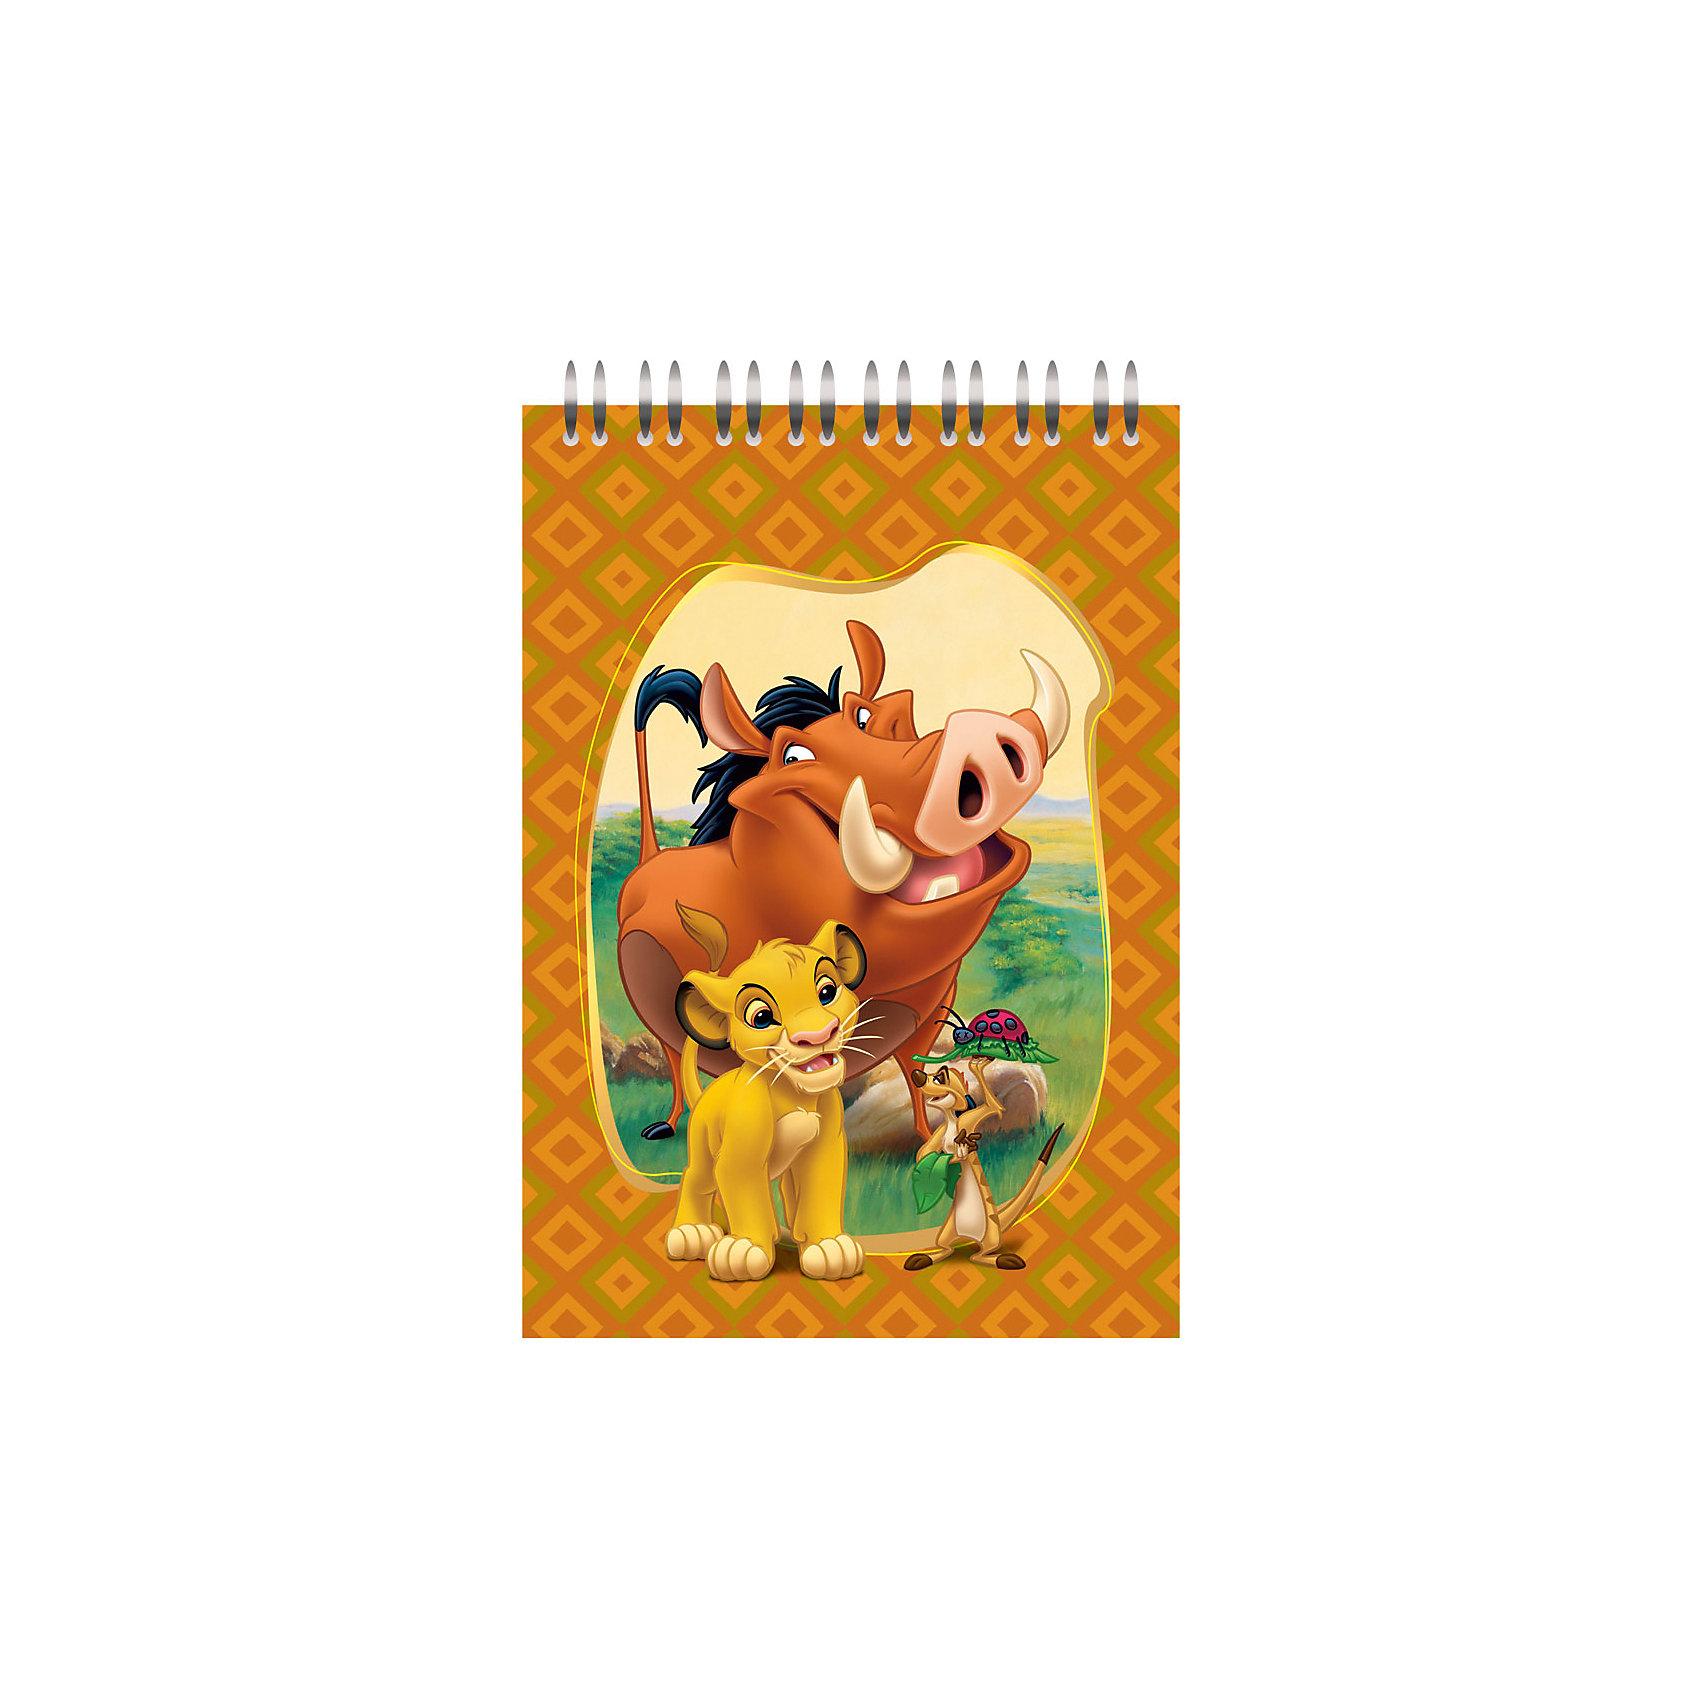 Блокнот А5 в клетку 60л Король ЛевБлокнот А5 в клетку 60л Король Лев порадует маленьких детей своей красочностью и изображениями любимых персонажей из популярного мультсериала Король Лев – львенка Симбы, Тимона и Пумбы. Блокнот с двойной спиралью очень удобен для использования, страницы разлинованы в клетку. Полноцветная пластиковая обложка надежно защищает внутренний блок от пыли и влаги, не изнашивается с течением времени и не мнется. <br><br>Дополнительная информация:<br>-Серия: Король Лев, Дисней<br>-Материалы: пластик, высококачественная белая бумага <br>-Формат: А5 (148?210 мм)<br>-Размеры в упаковке: 10х210х150 мм<br>-Вес в упаковке: 136 г<br><br>Удобный блокнот на спирали «Король Лев» с листами в клеточку идеально подойдет Вашему ребенку для записей и рисунков.<br> <br>Блокнот А5 в клетку 60л Король Лев можно купить в нашем магазине.<br><br>Ширина мм: 10<br>Глубина мм: 210<br>Высота мм: 150<br>Вес г: 136<br>Возраст от месяцев: 48<br>Возраст до месяцев: 144<br>Пол: Унисекс<br>Возраст: Детский<br>SKU: 4014051